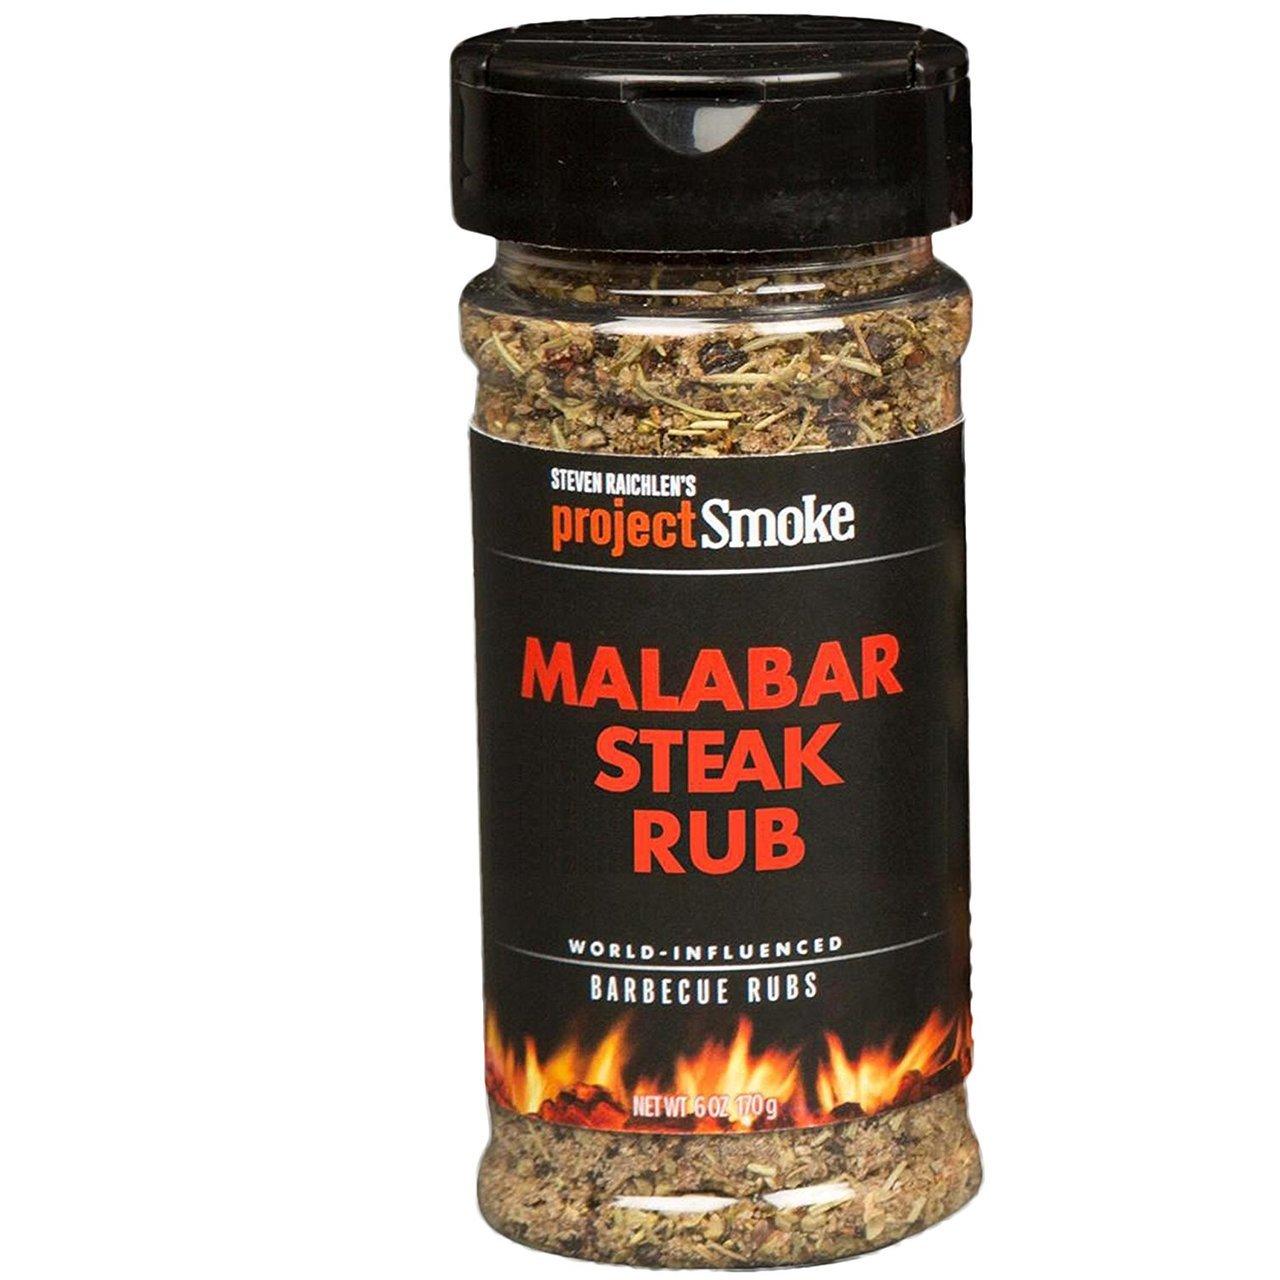 products Malabar Steak 98703.1505097382.1280.1280